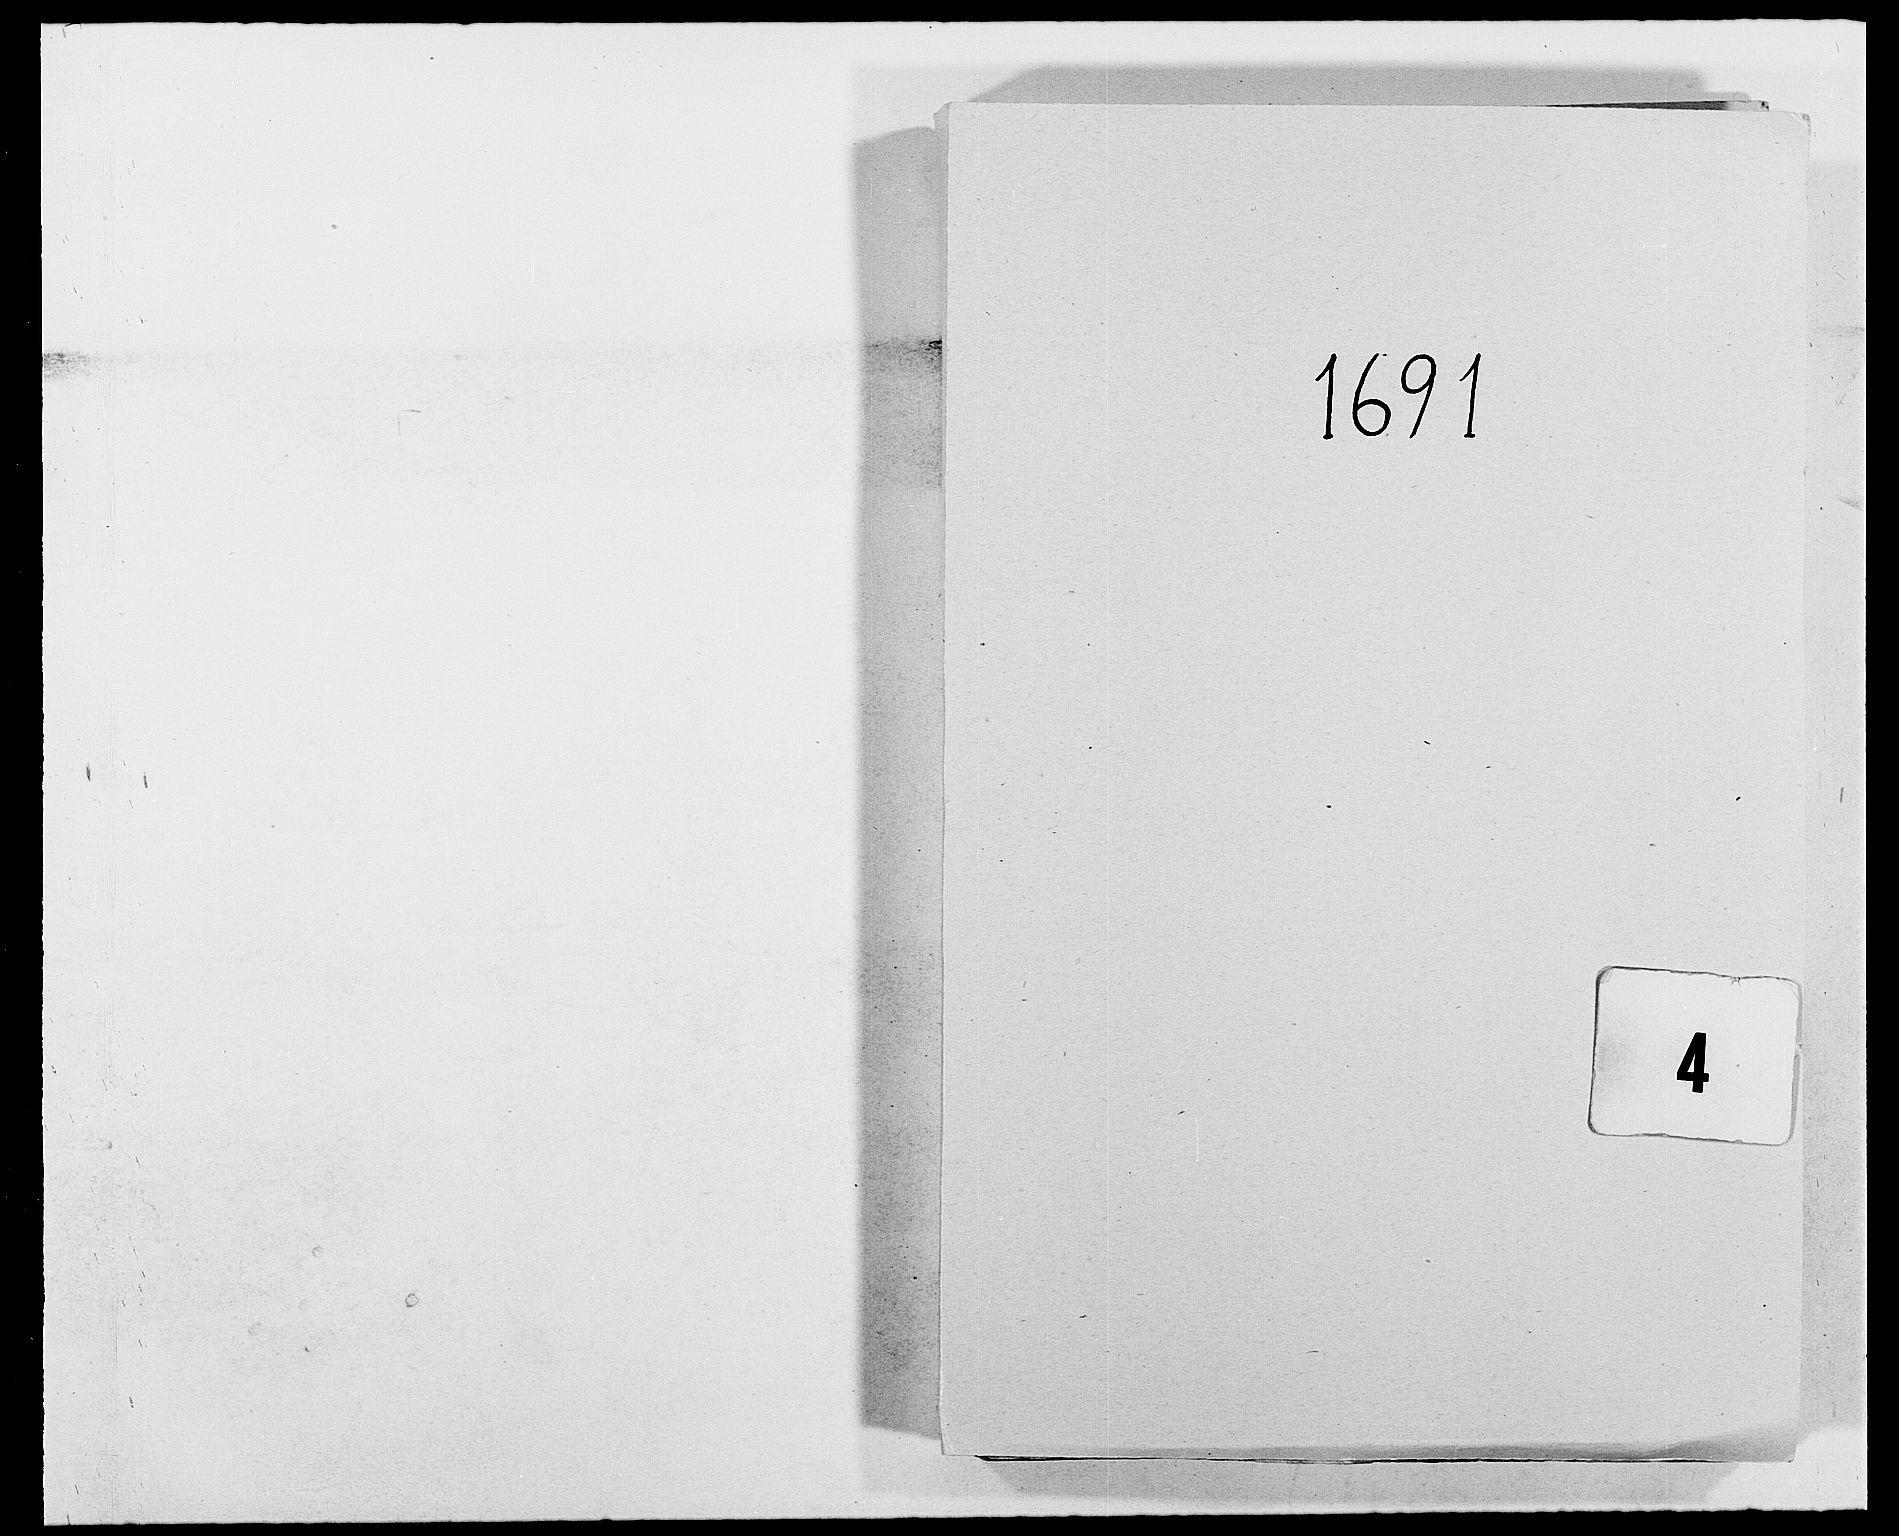 RA, Rentekammeret inntil 1814, Reviderte regnskaper, Fogderegnskap, R02/L0106: Fogderegnskap Moss og Verne kloster, 1688-1691, s. 423